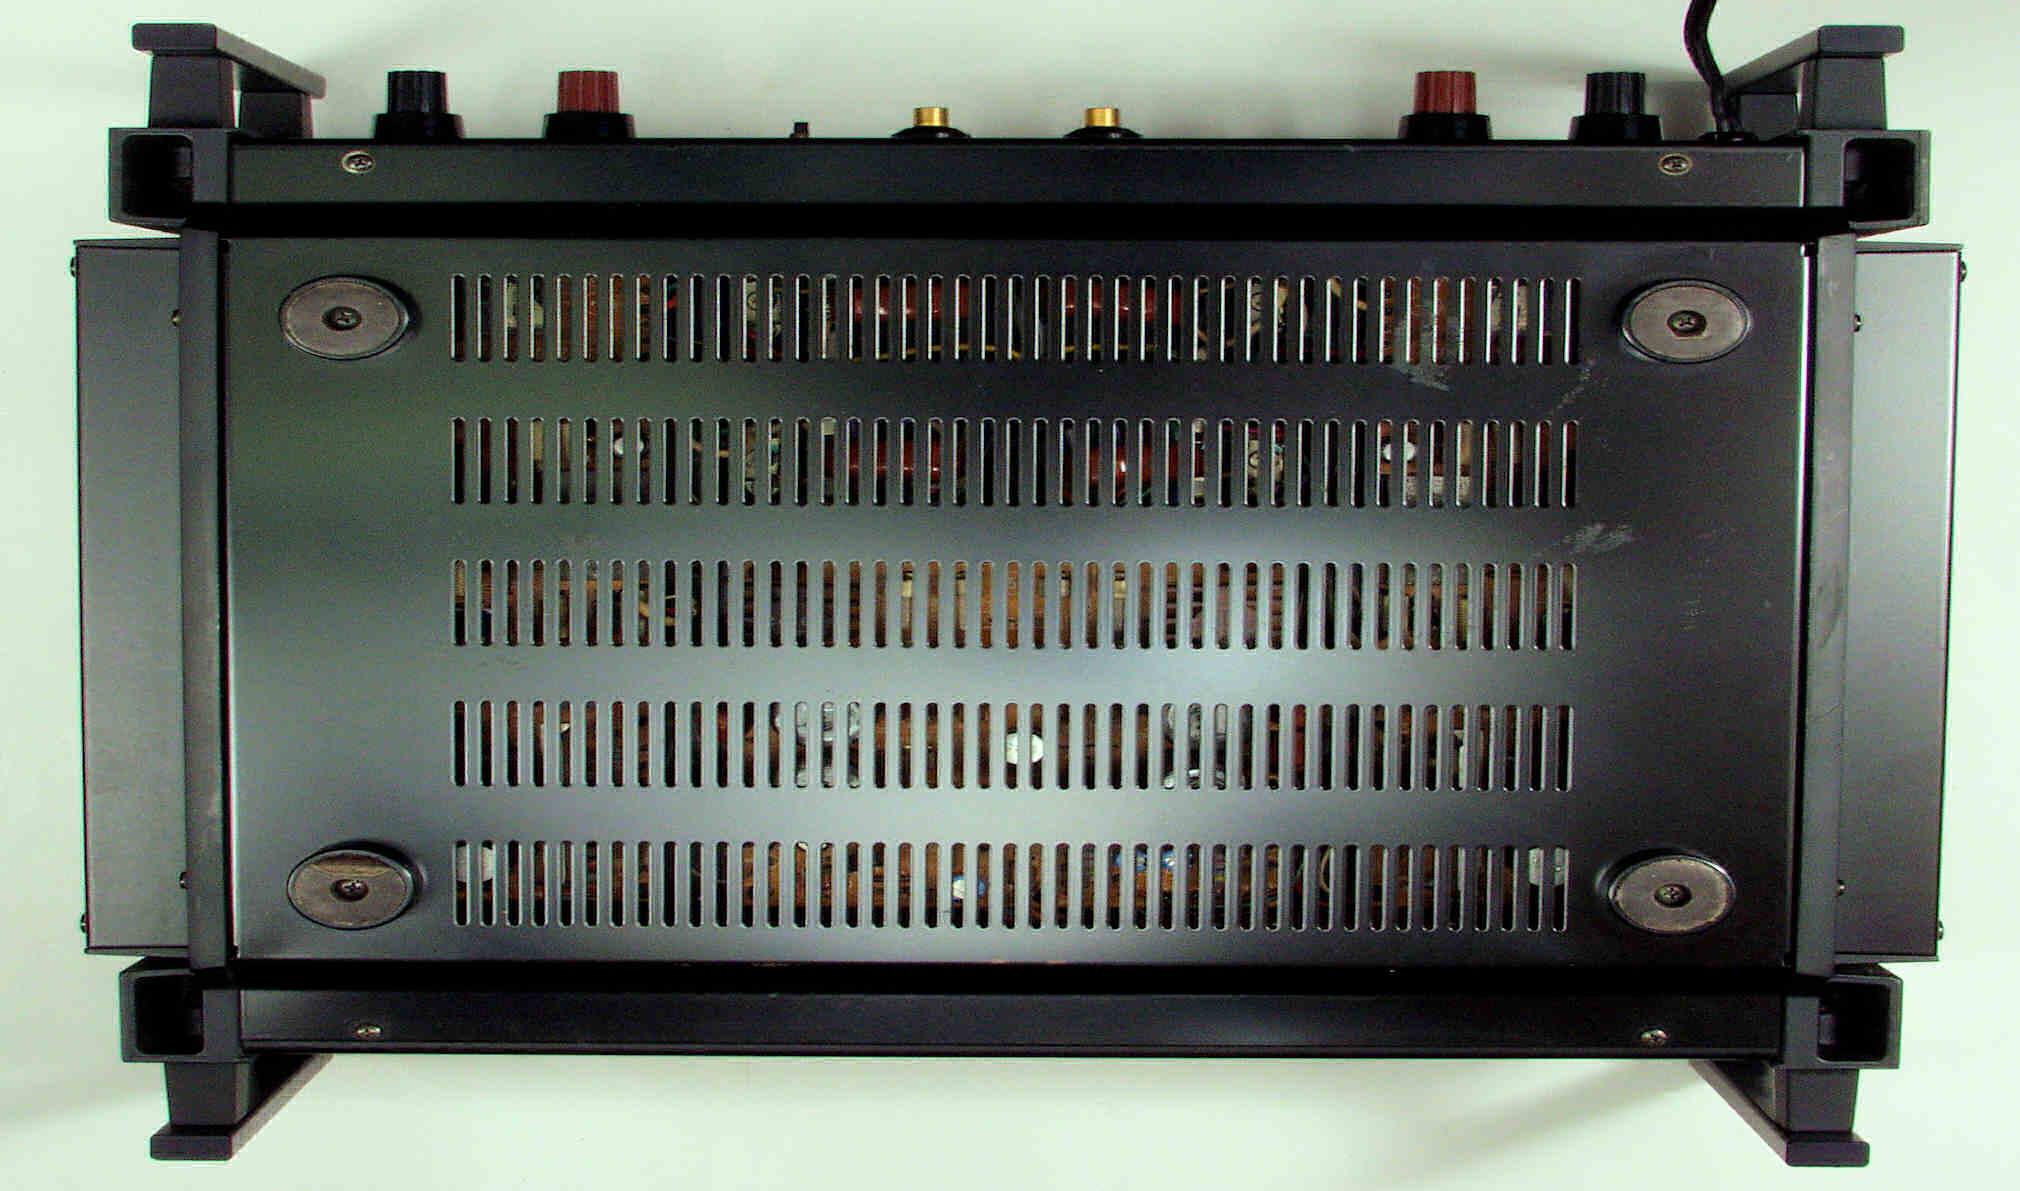 Armas de Arremesso 9500m-s8